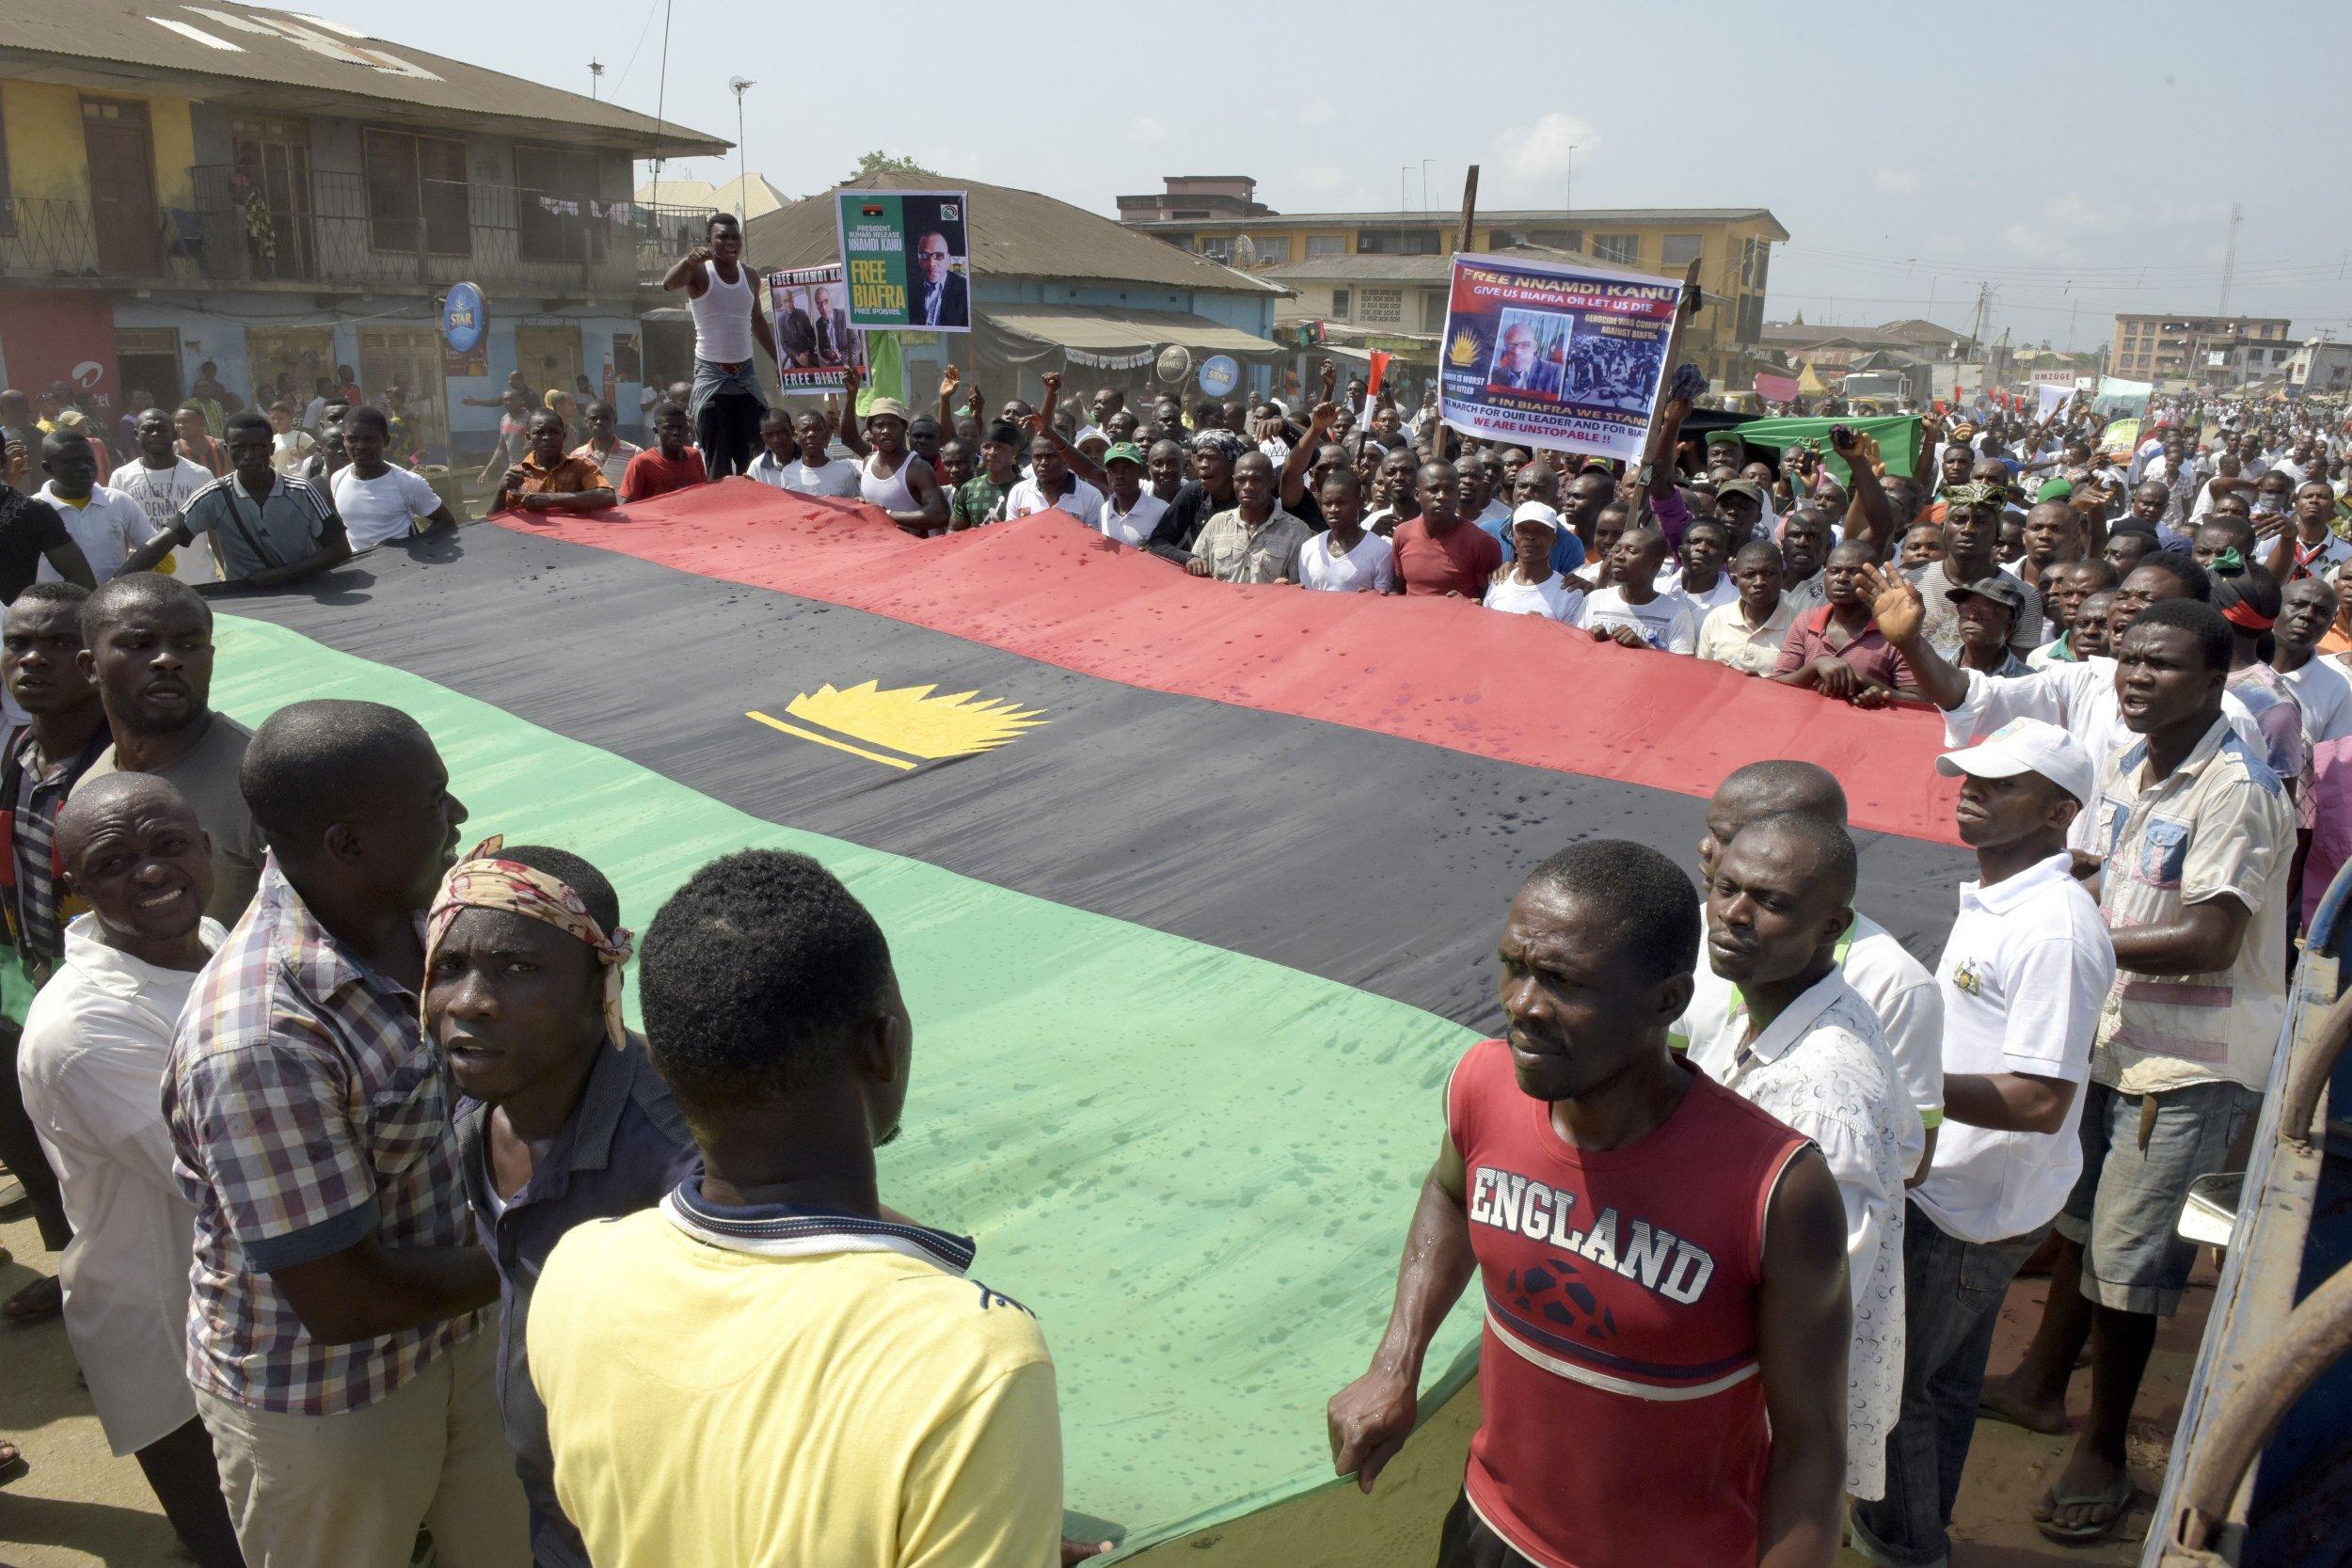 Biafra rally